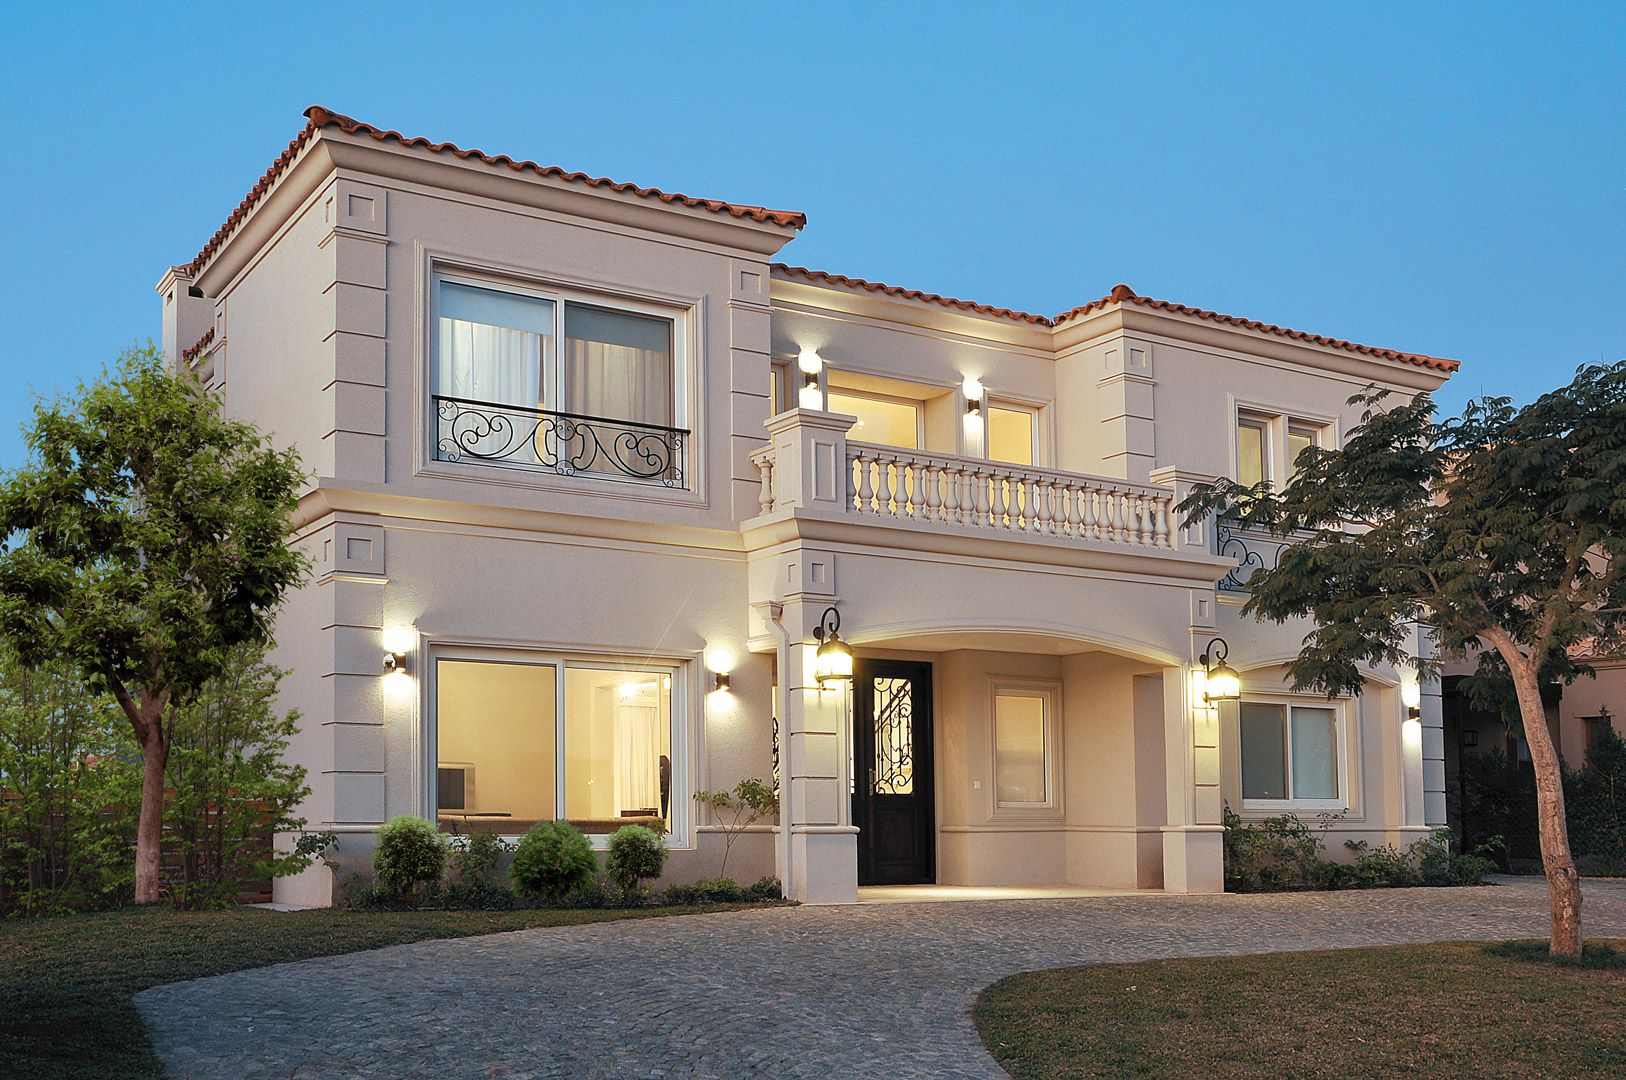 Housing construcciones arq casa estilo arquitectos y for Construcciones de casas modernas